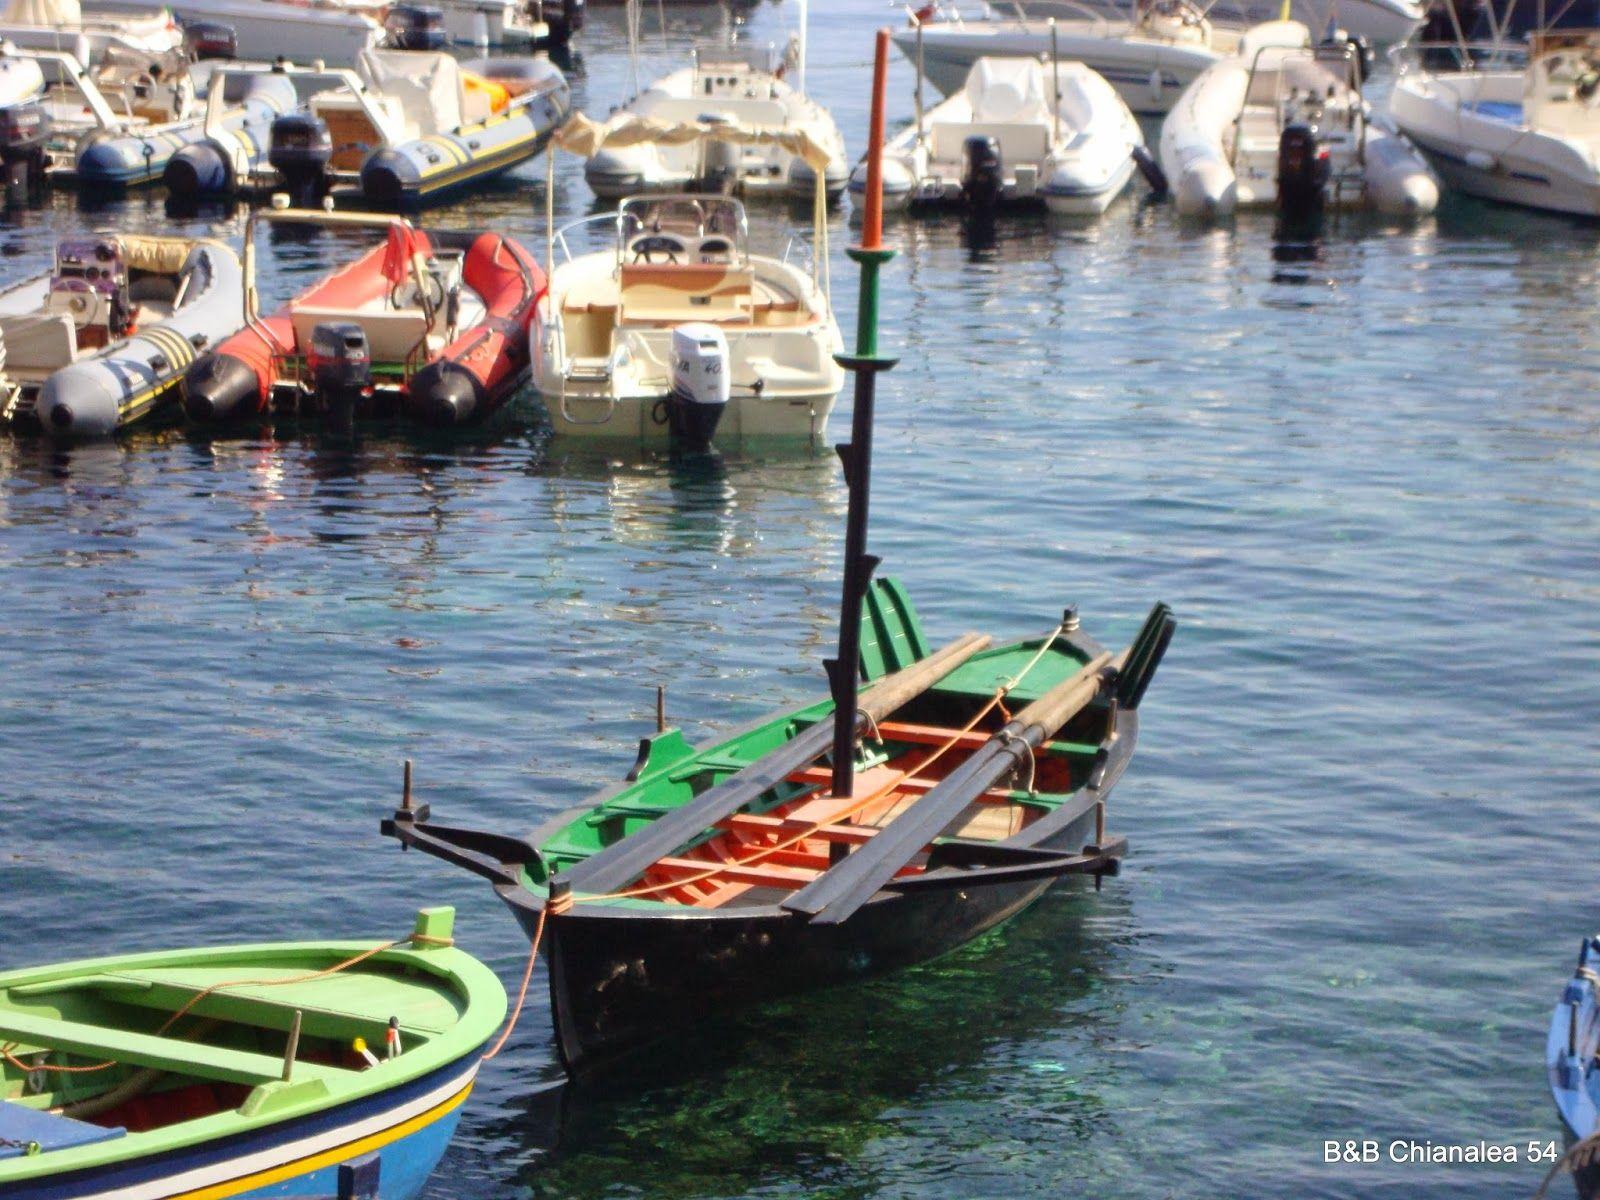 """Il """" Luntri"""" : l'antica barca per la caccia al pescespada. Una tradizione culinaria ricca di quattro secoli di storia. Bed and breakfast Chianalea 54 Scilla http://www.bbscilla.it #sicilianfood  #sicilia #sicily  #italianfood"""